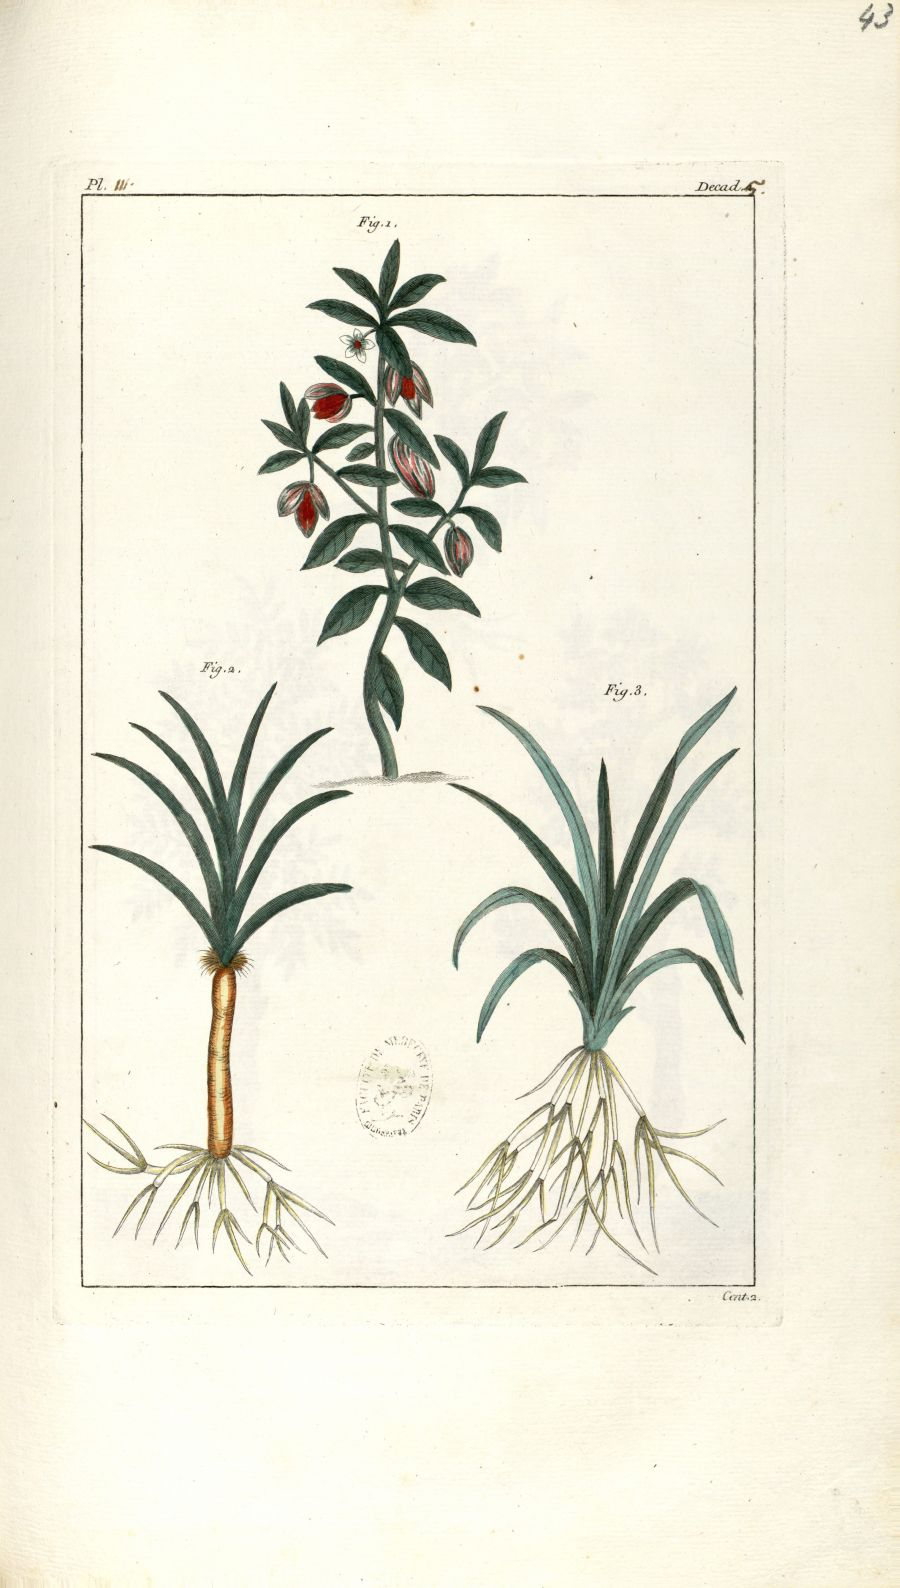 Planche III. Decad. 5. Cent. 2 - Herbier ou collection des plantes médicinales de la Chine d'après u [...] - Botanique. Plantes (médecine). Chine. 18e siècle - med01989x0046